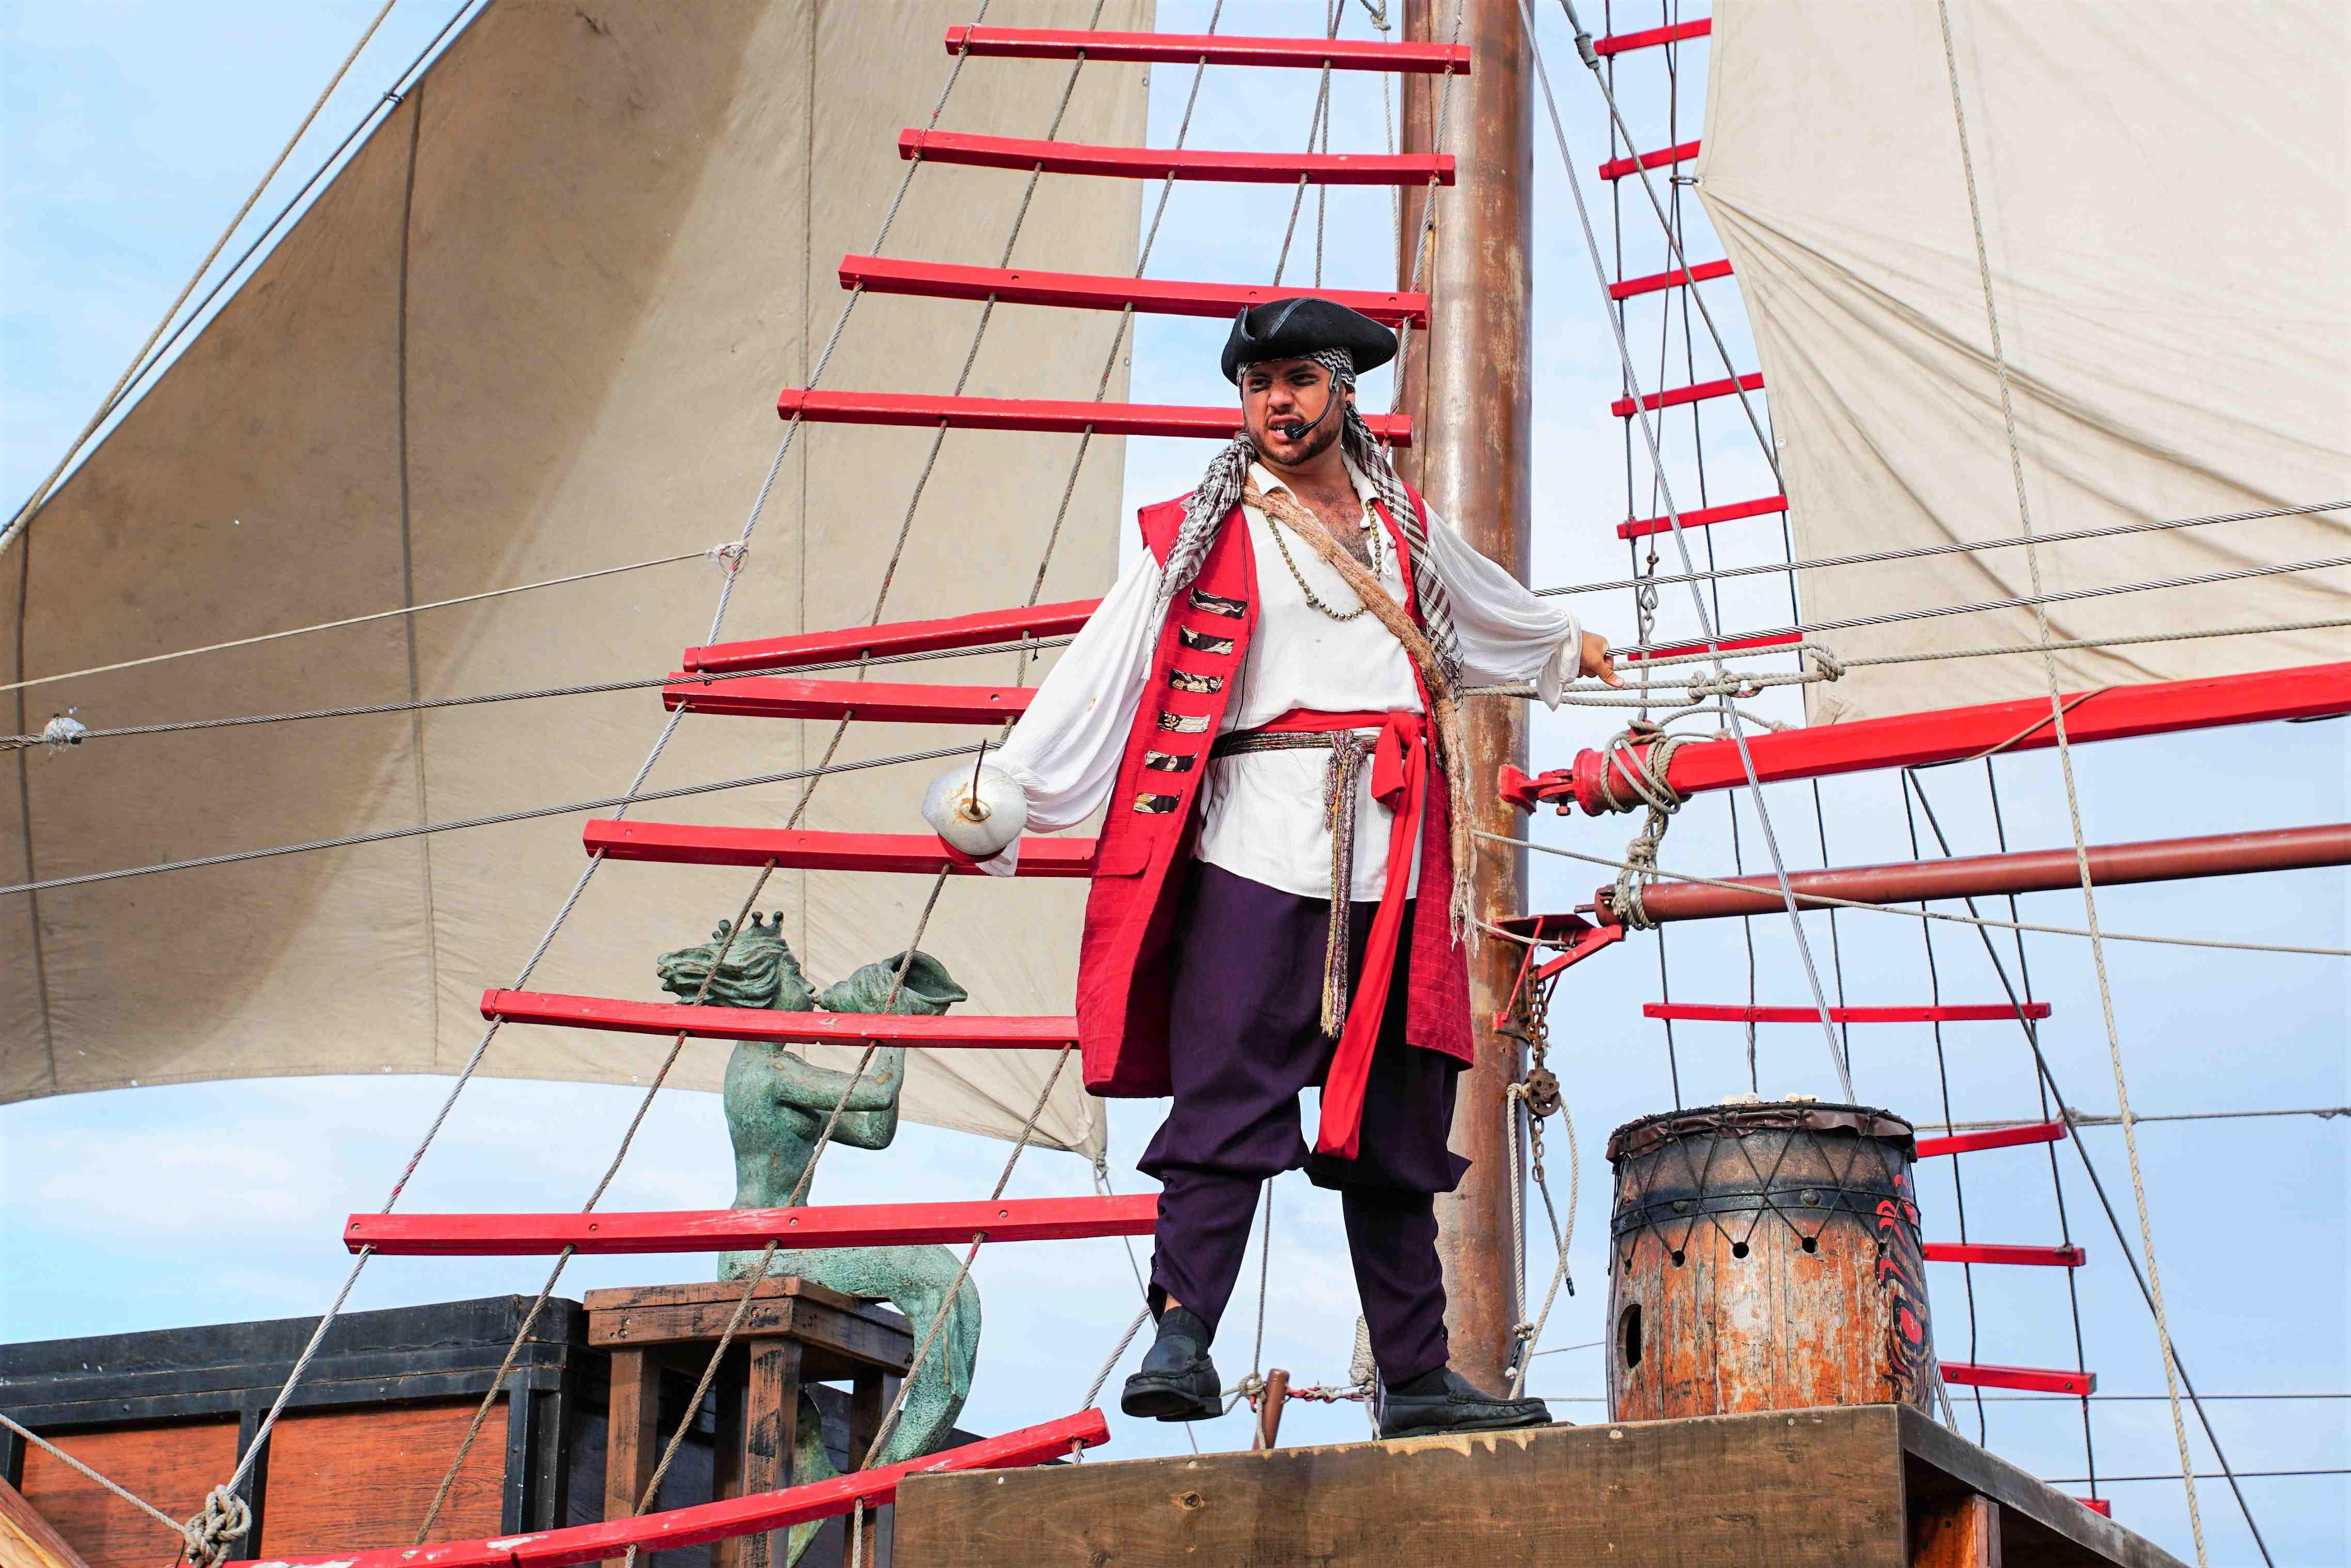 Pirate Experience In Majahuitas Island  - Last Minute Tours in Puerto Vallarta